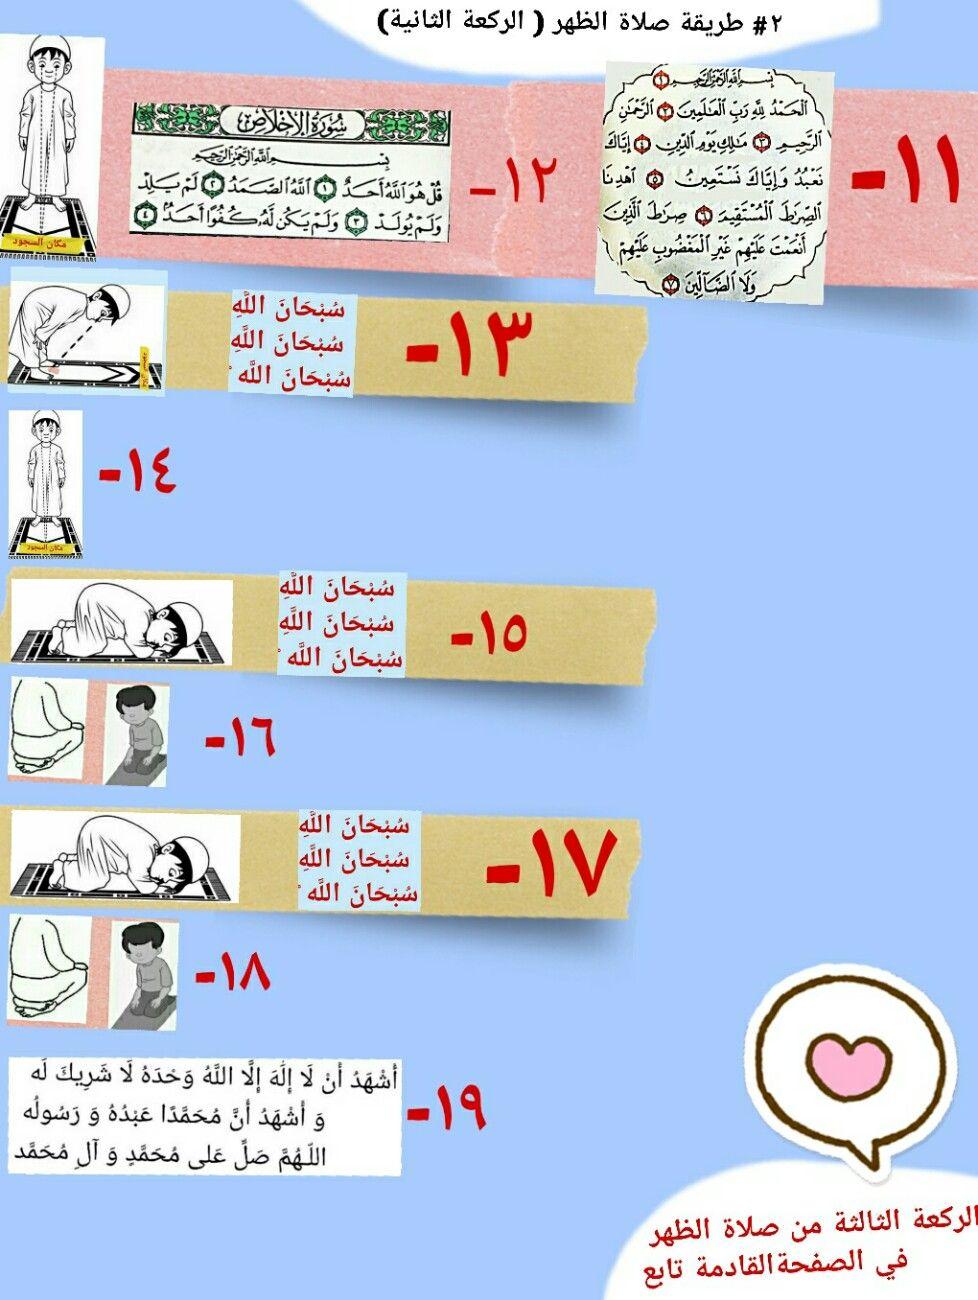 ٢ طريقة صلاة الظهر الركعة الثانية Words Word Search Puzzle